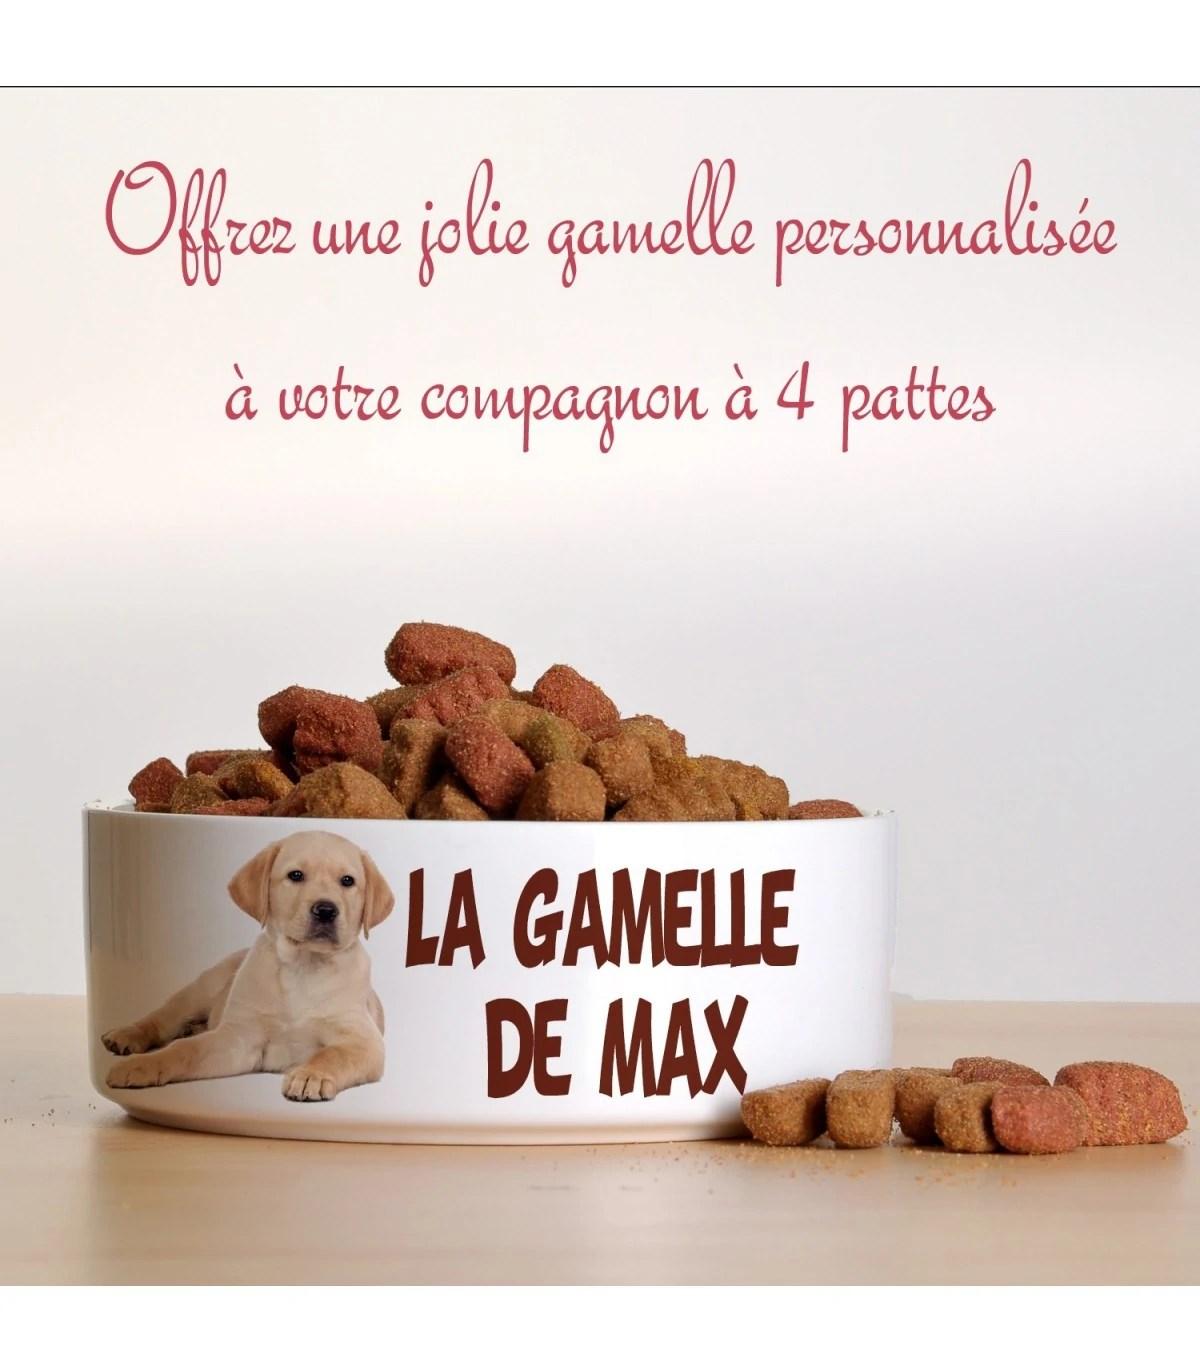 https laboutiquekdo com cadeau chien chat et animaux 3112 gamelle chien et chat avec photo html